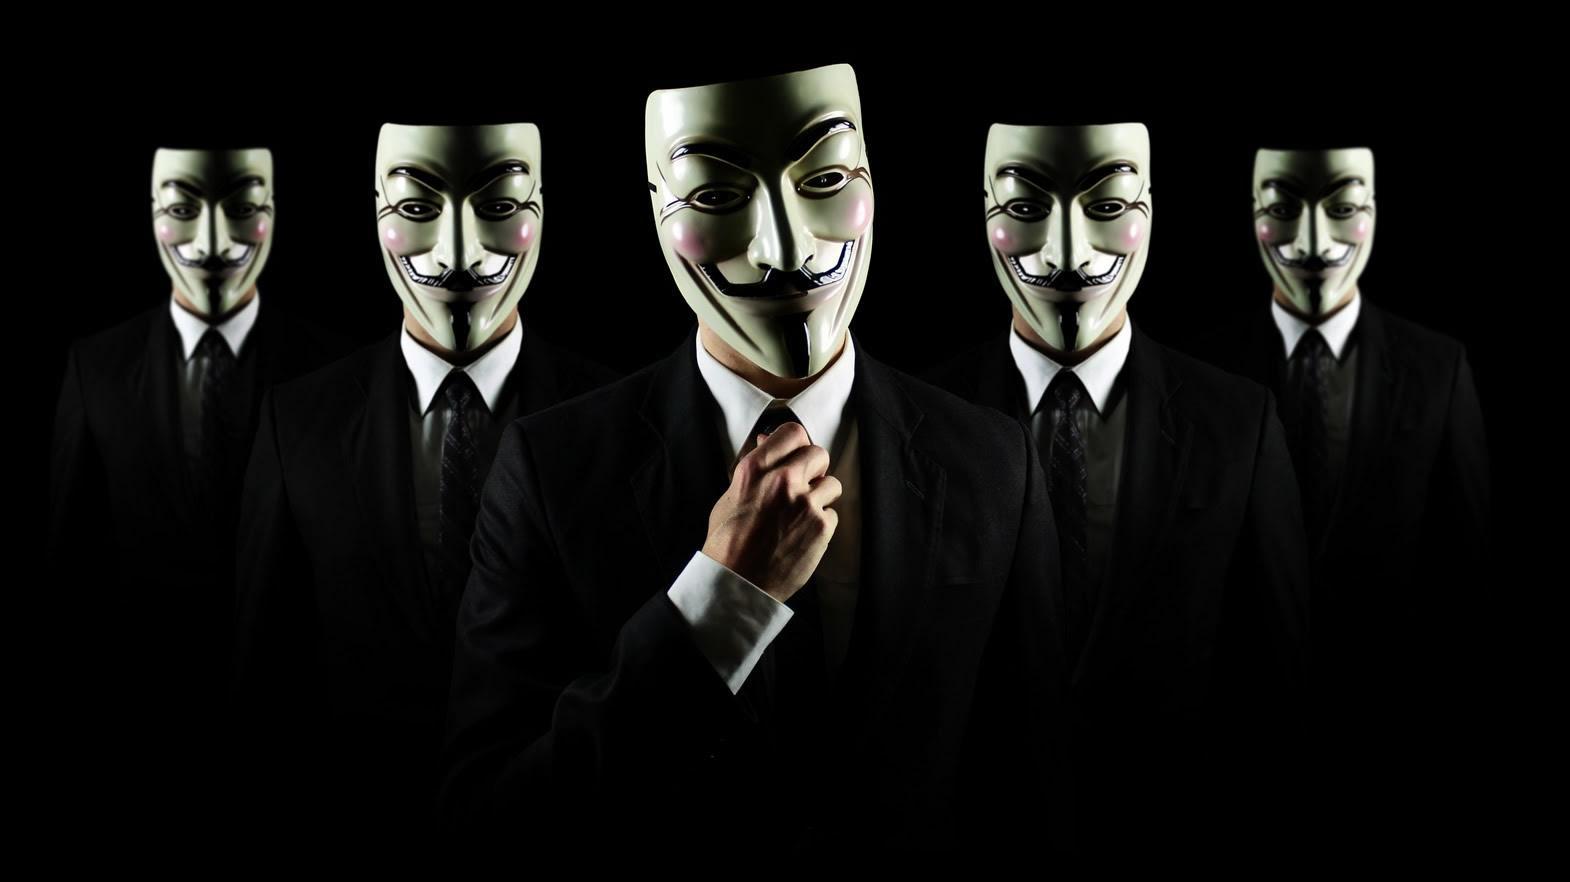 Gilets jaunes : une collaboration avec Anonymous pour mettre en place des cyberattaques ?